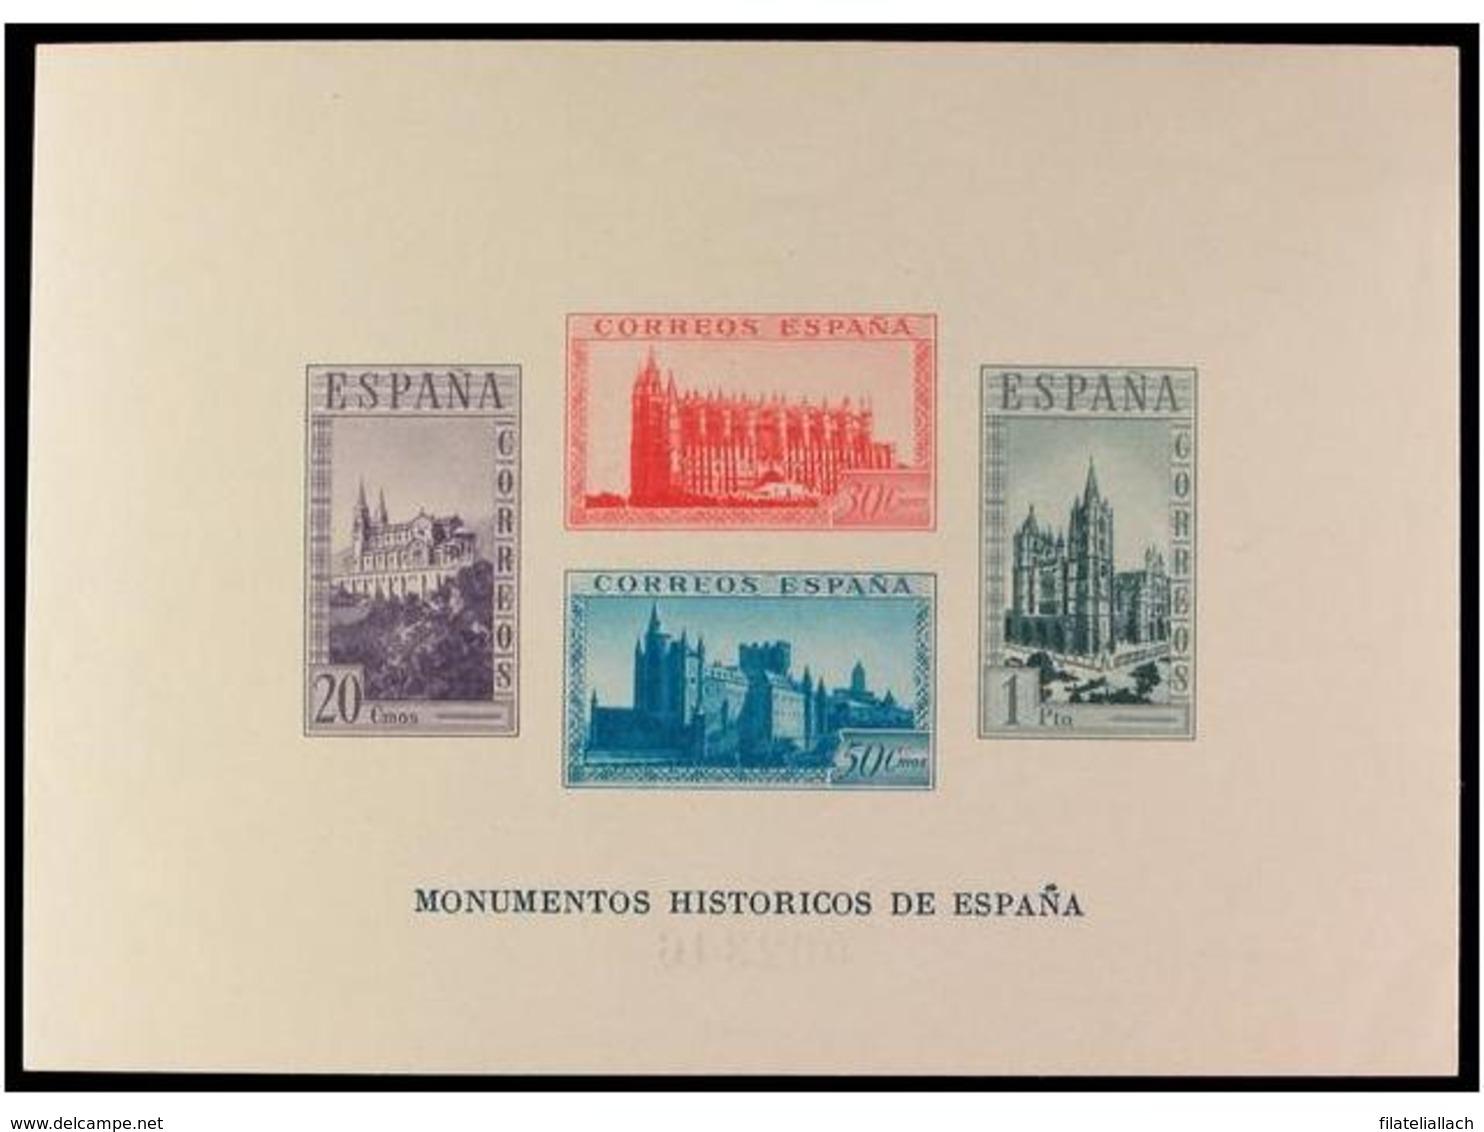 SPAIN: ESTADO ESPAÑOL 1936-1949 - Spain